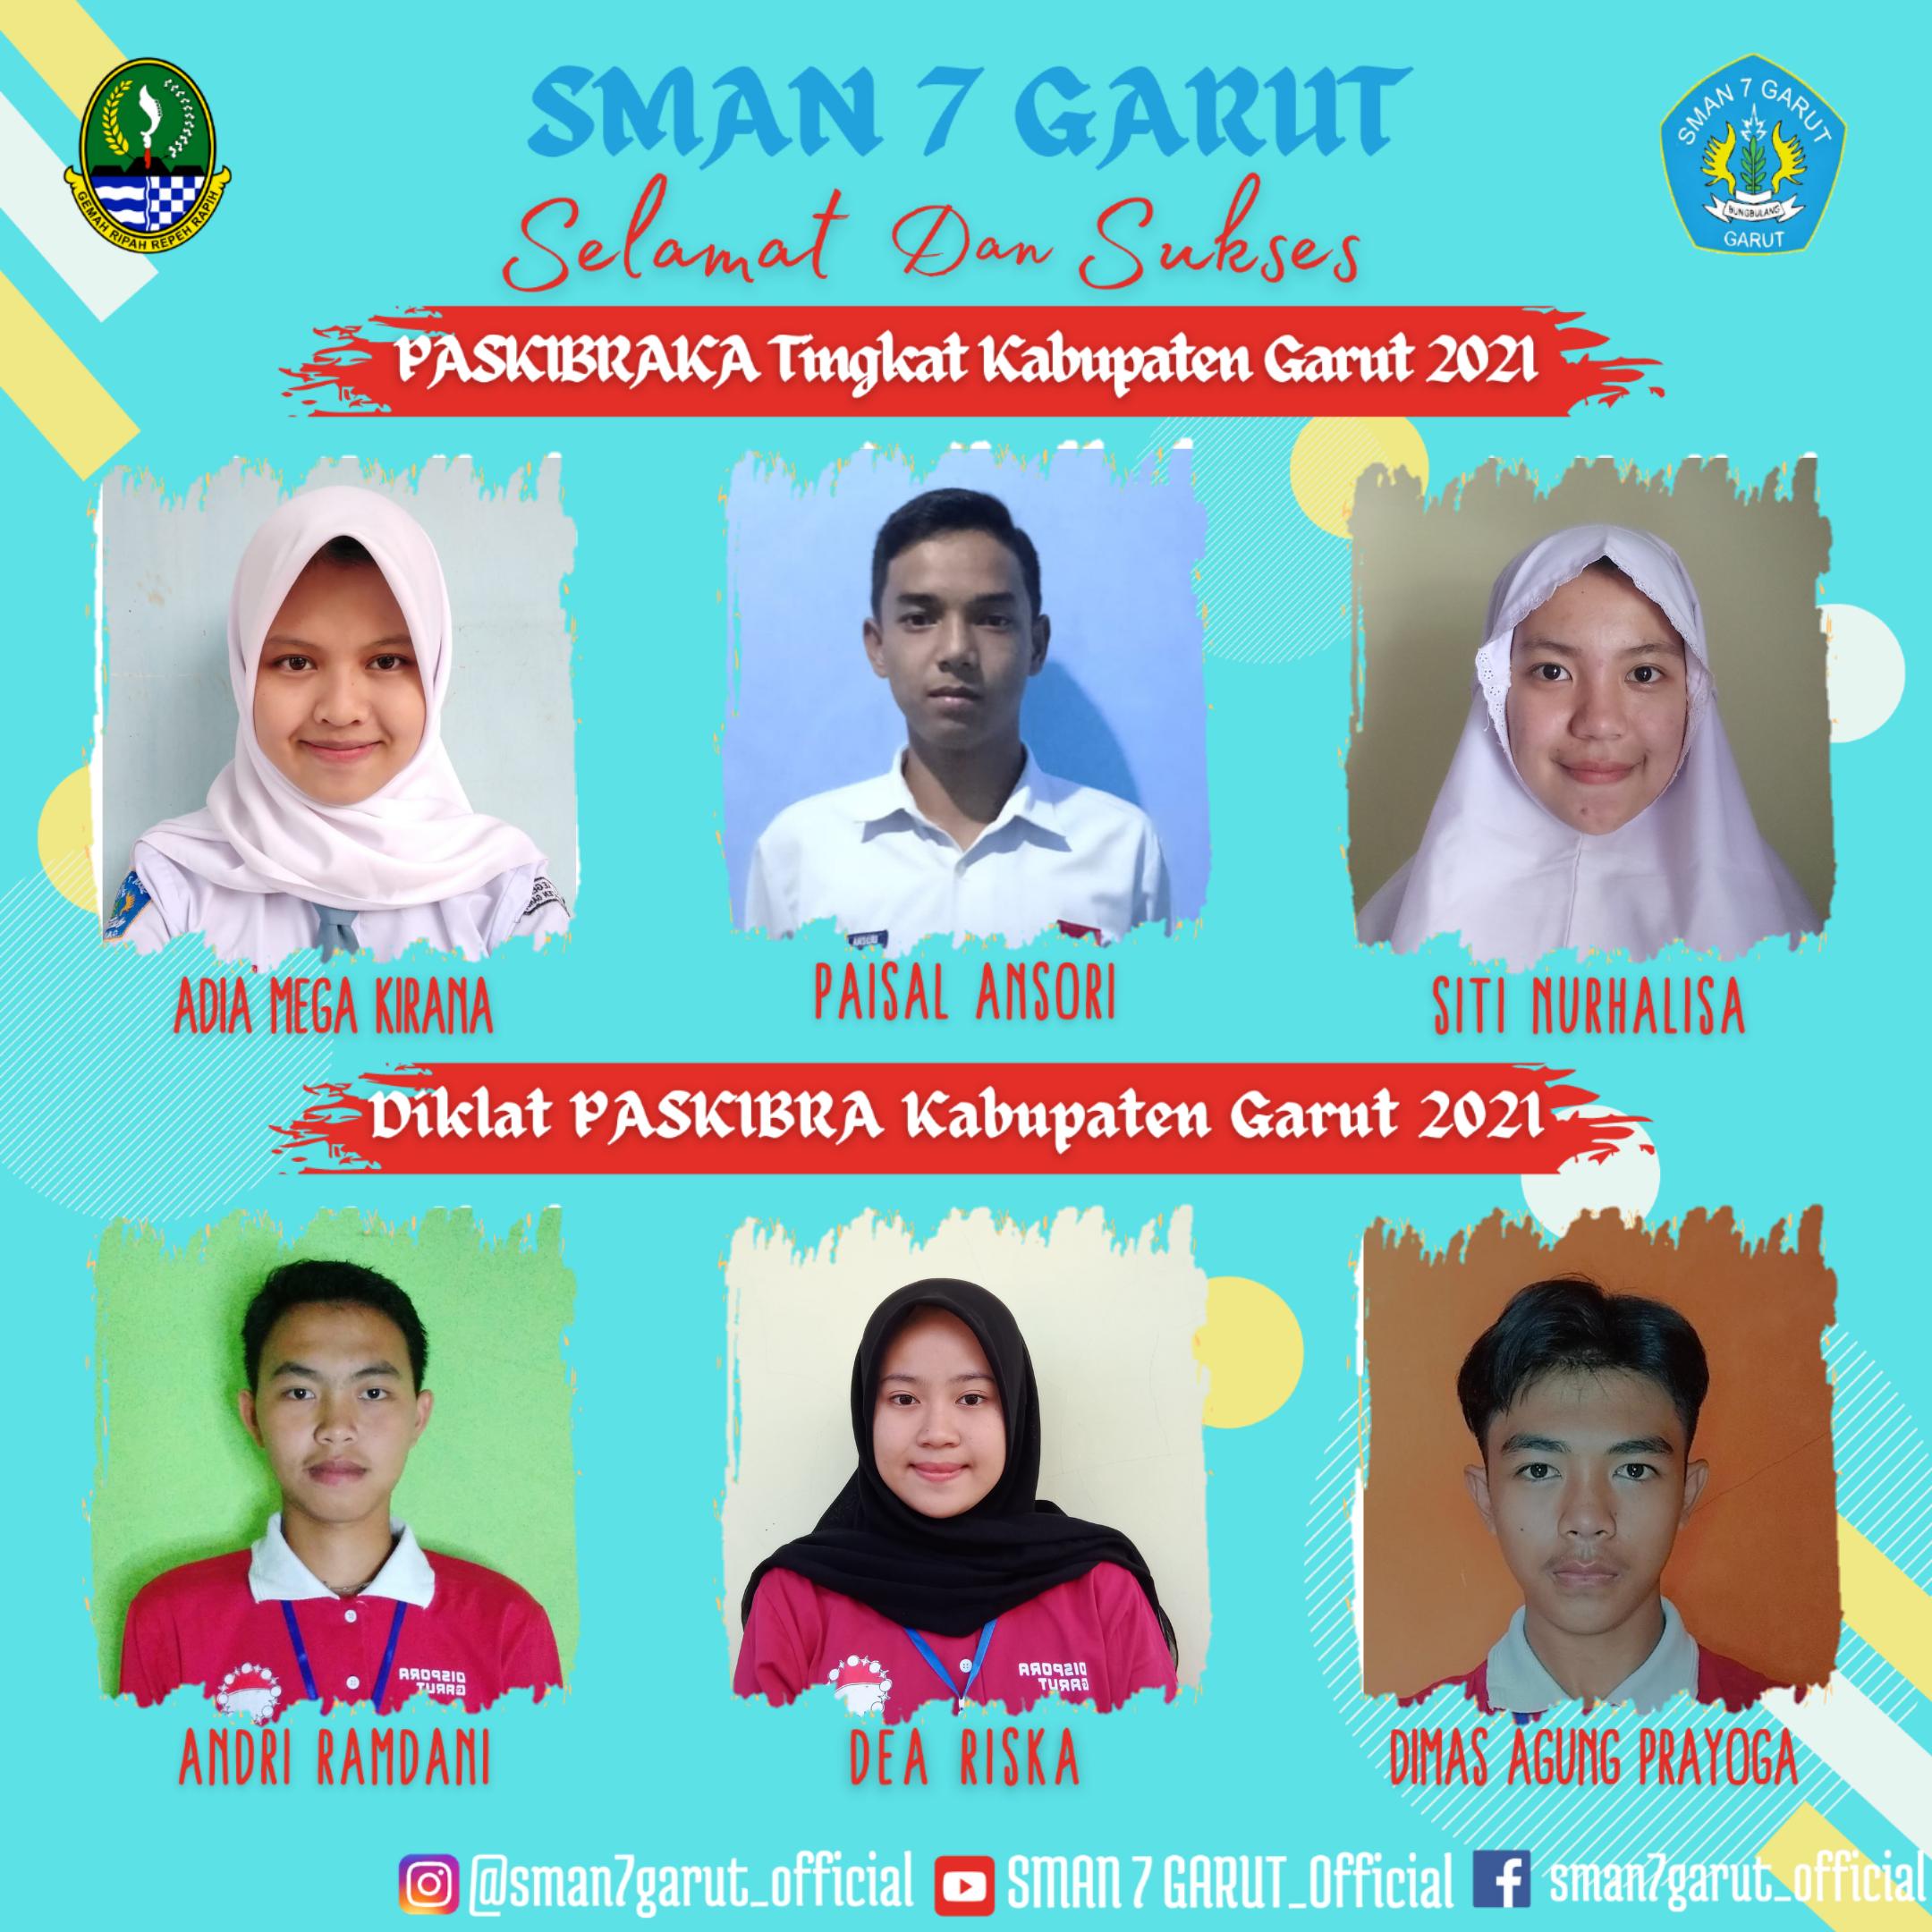 Alhamdulillah 3 Peserta Didik dari SMAN 7 GARUT Lulus Sebagai PASKIBRAKA Tingkat Kabupaten Garut pada tahun 2021